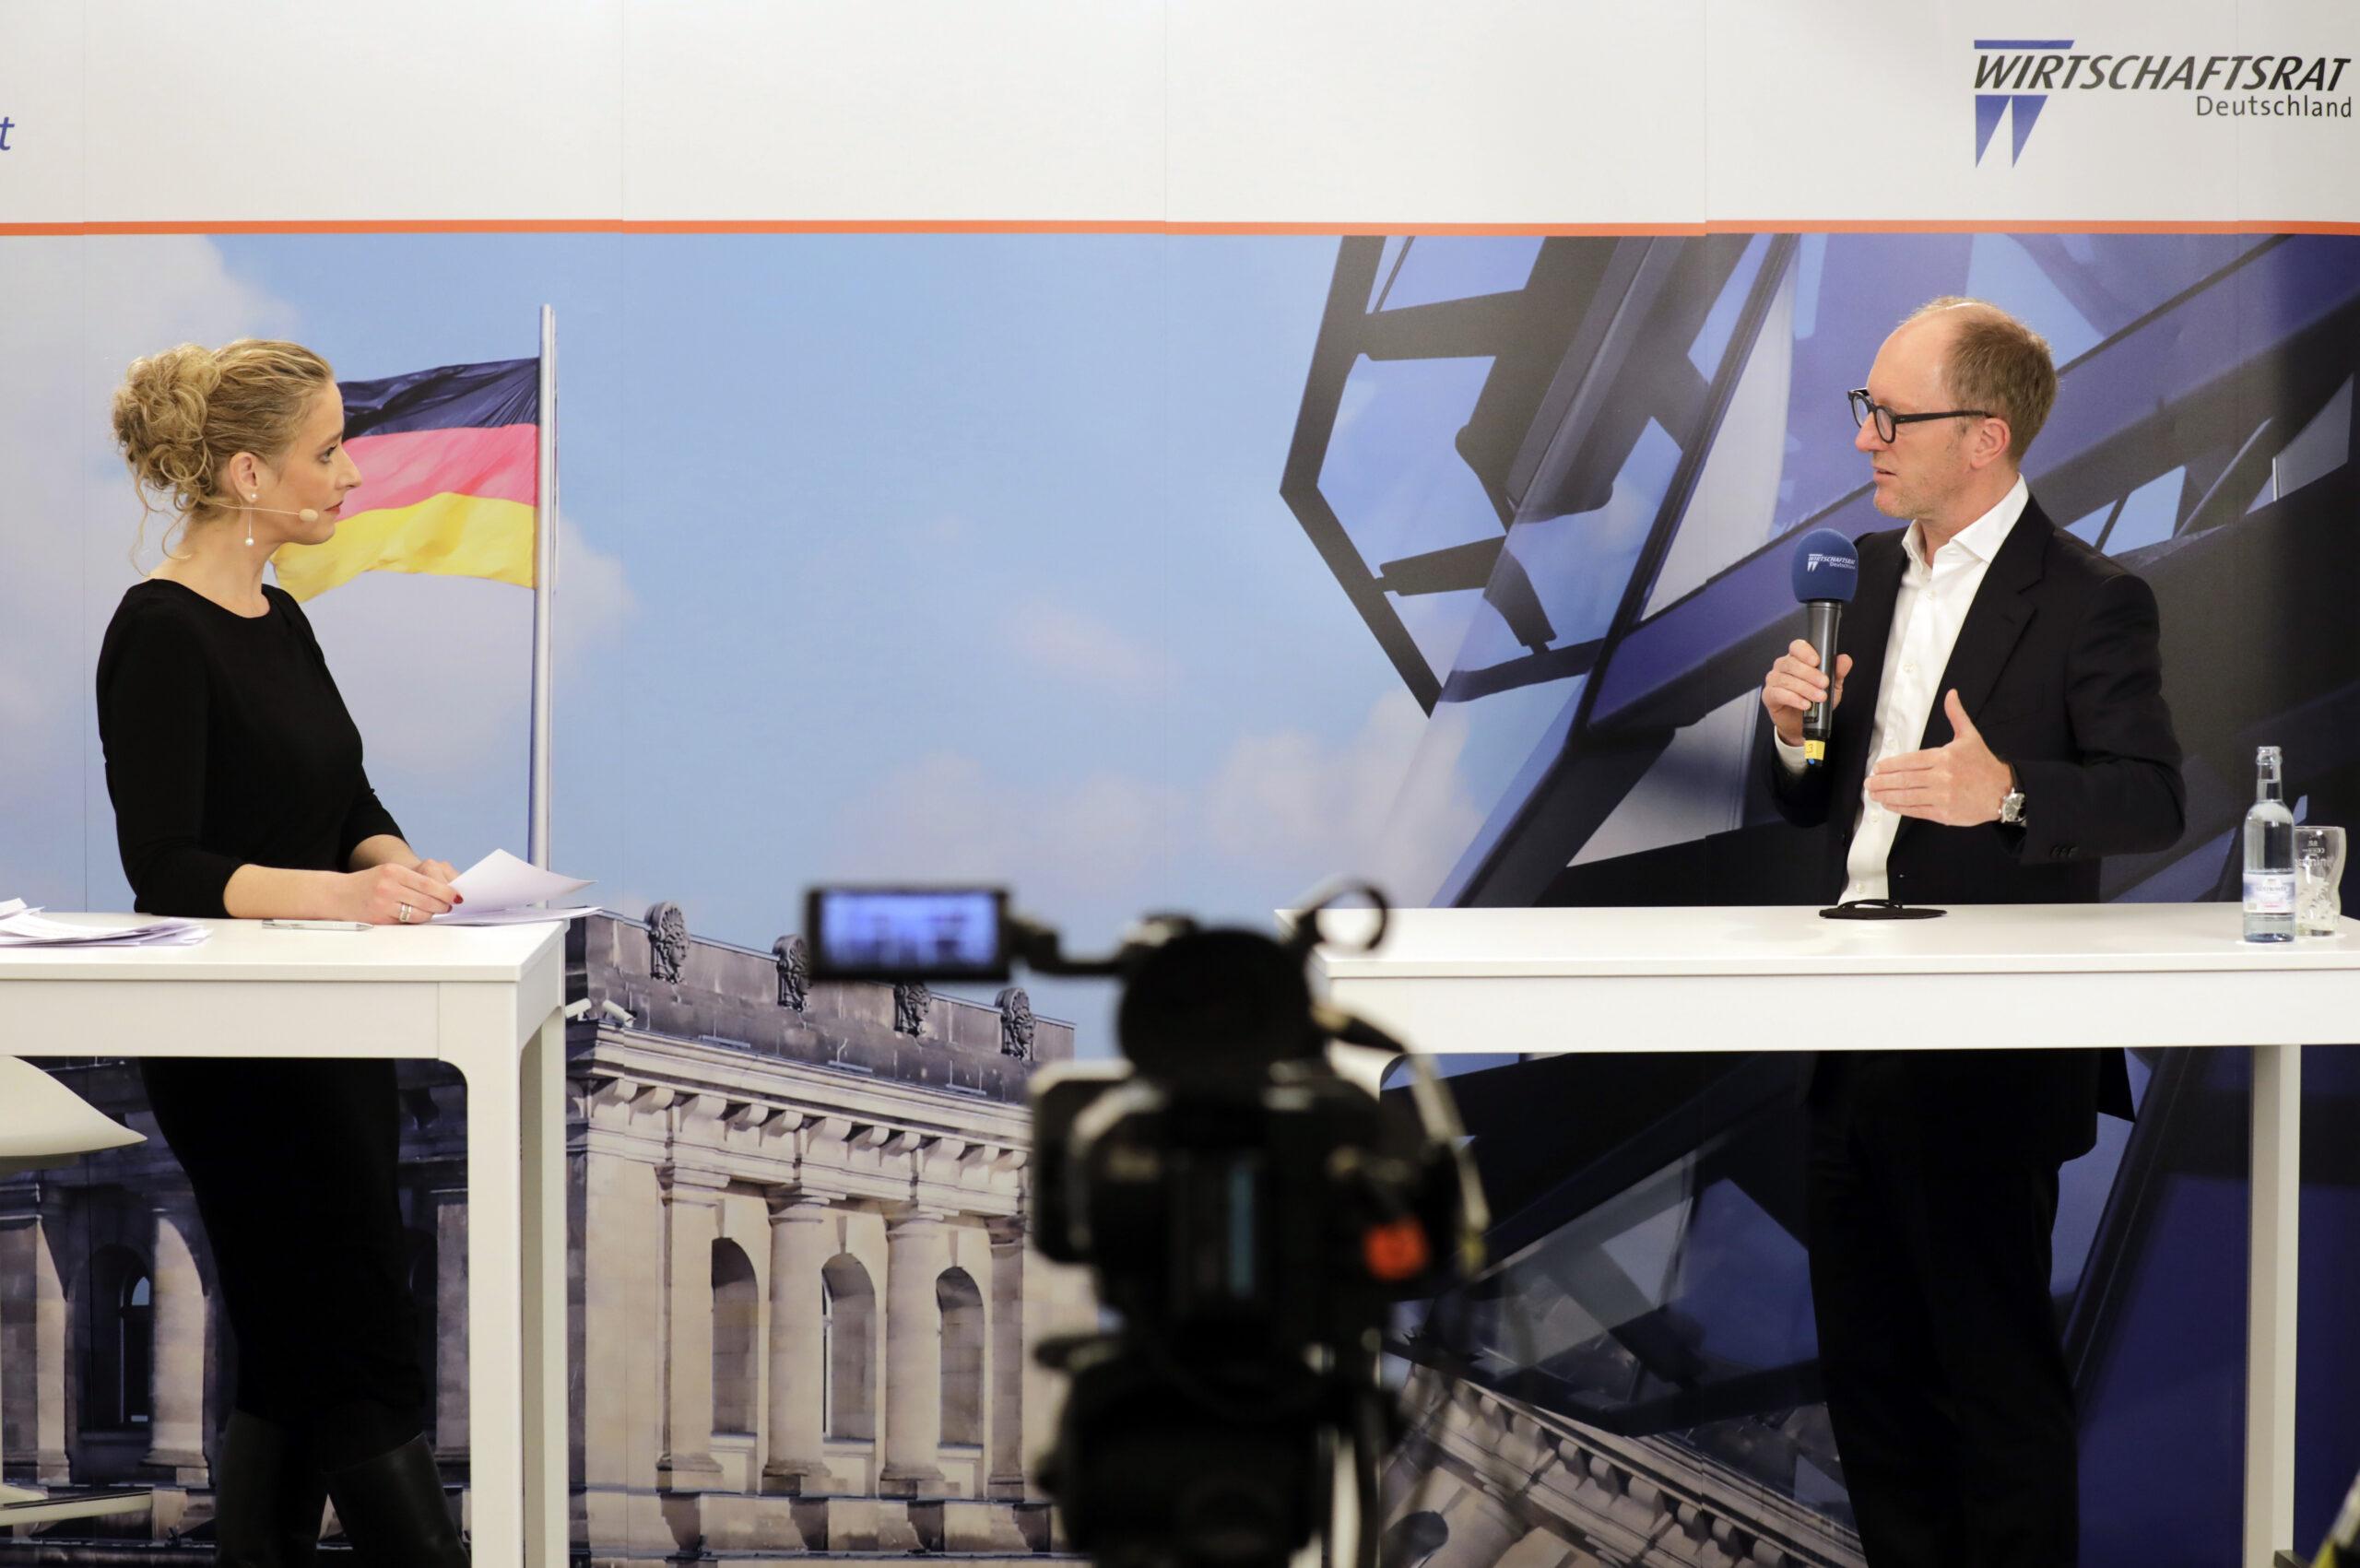 Marion Hoppen_und Michael Zahn beim Wirtschaftsrat. Foto: